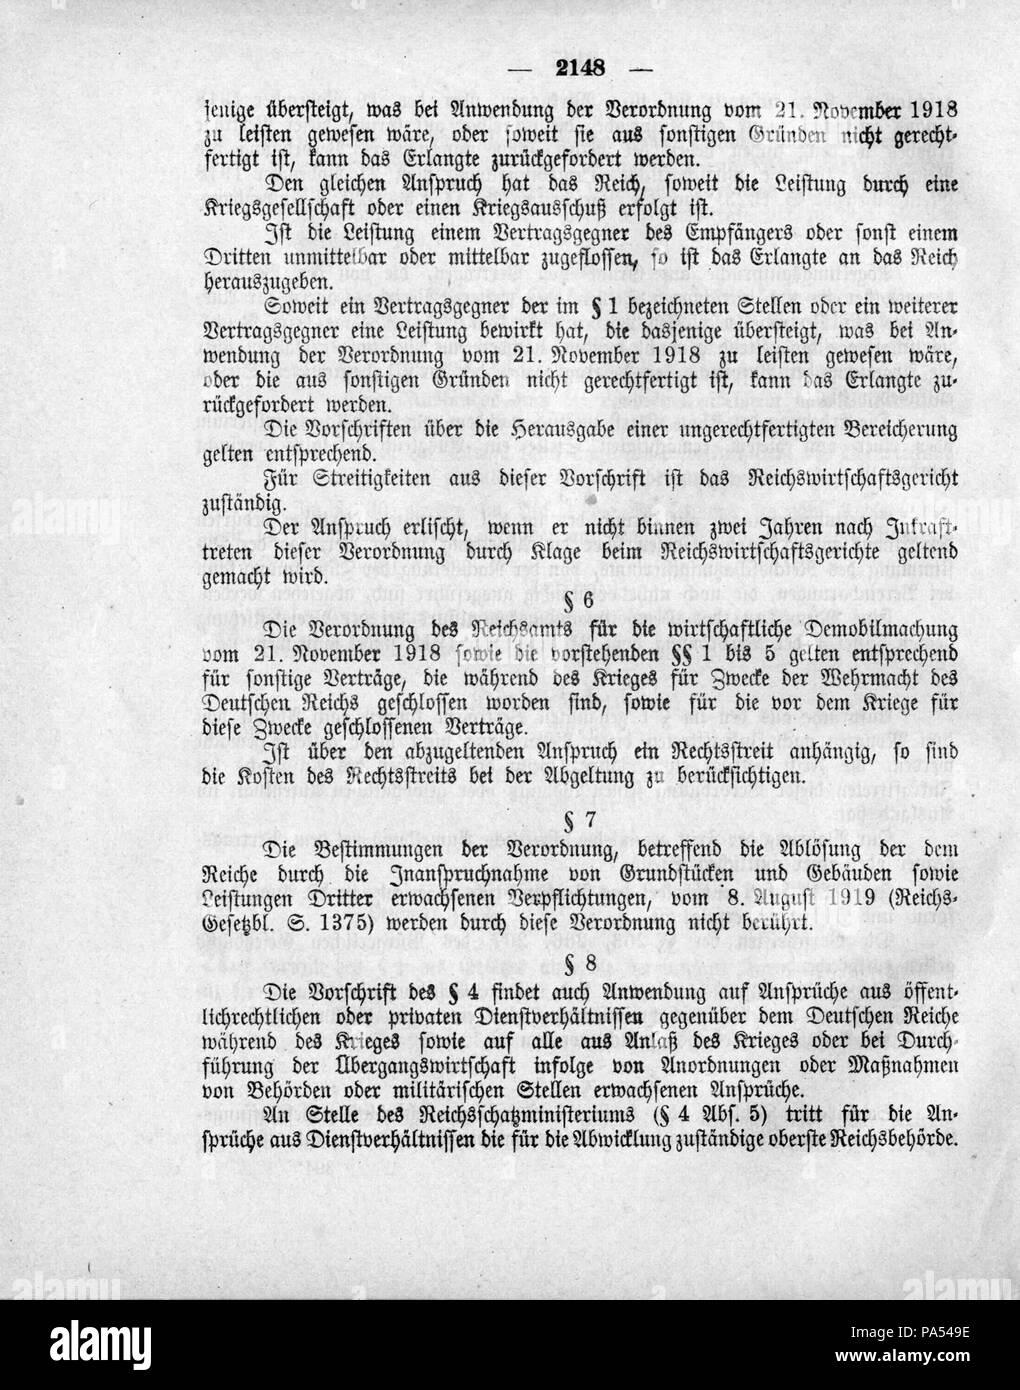 497 Deutsches Reichsgesetzblatt 1919 249 2148 Stock Photo 212784138